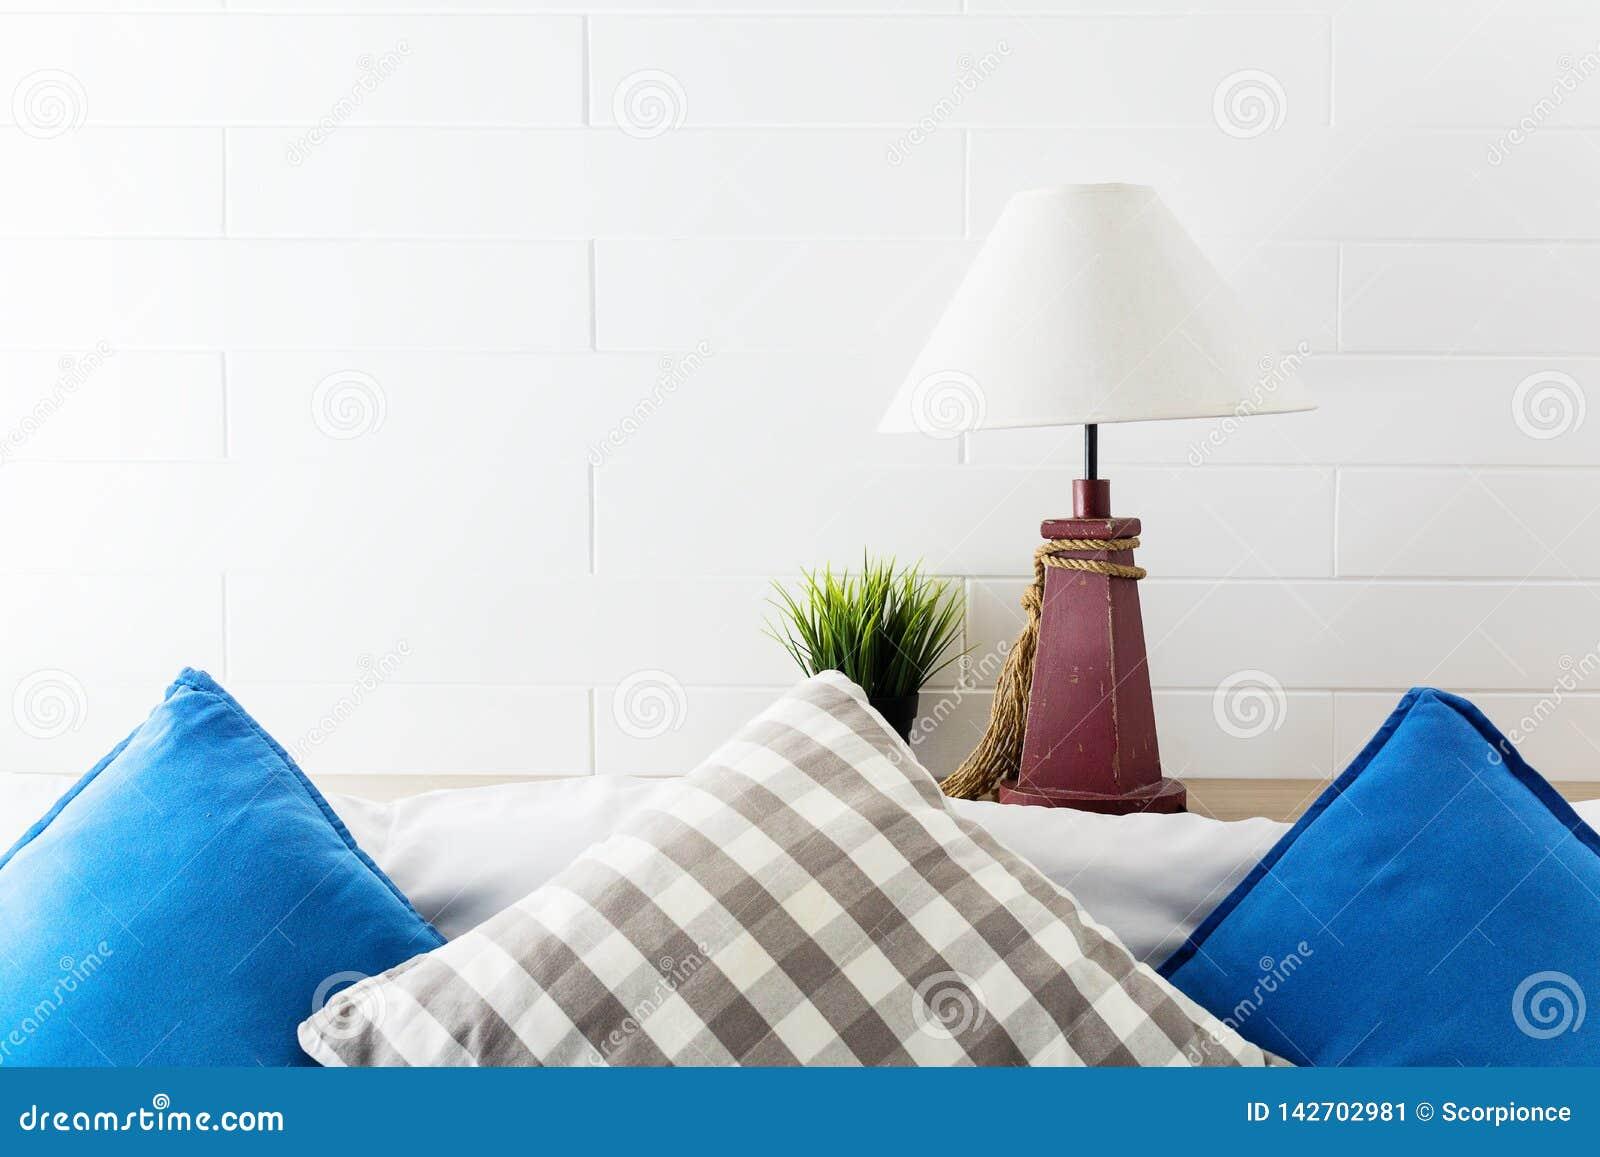 灯和绿色植物床边的有蓝色和灰色pollows的 酒店房间内部背景